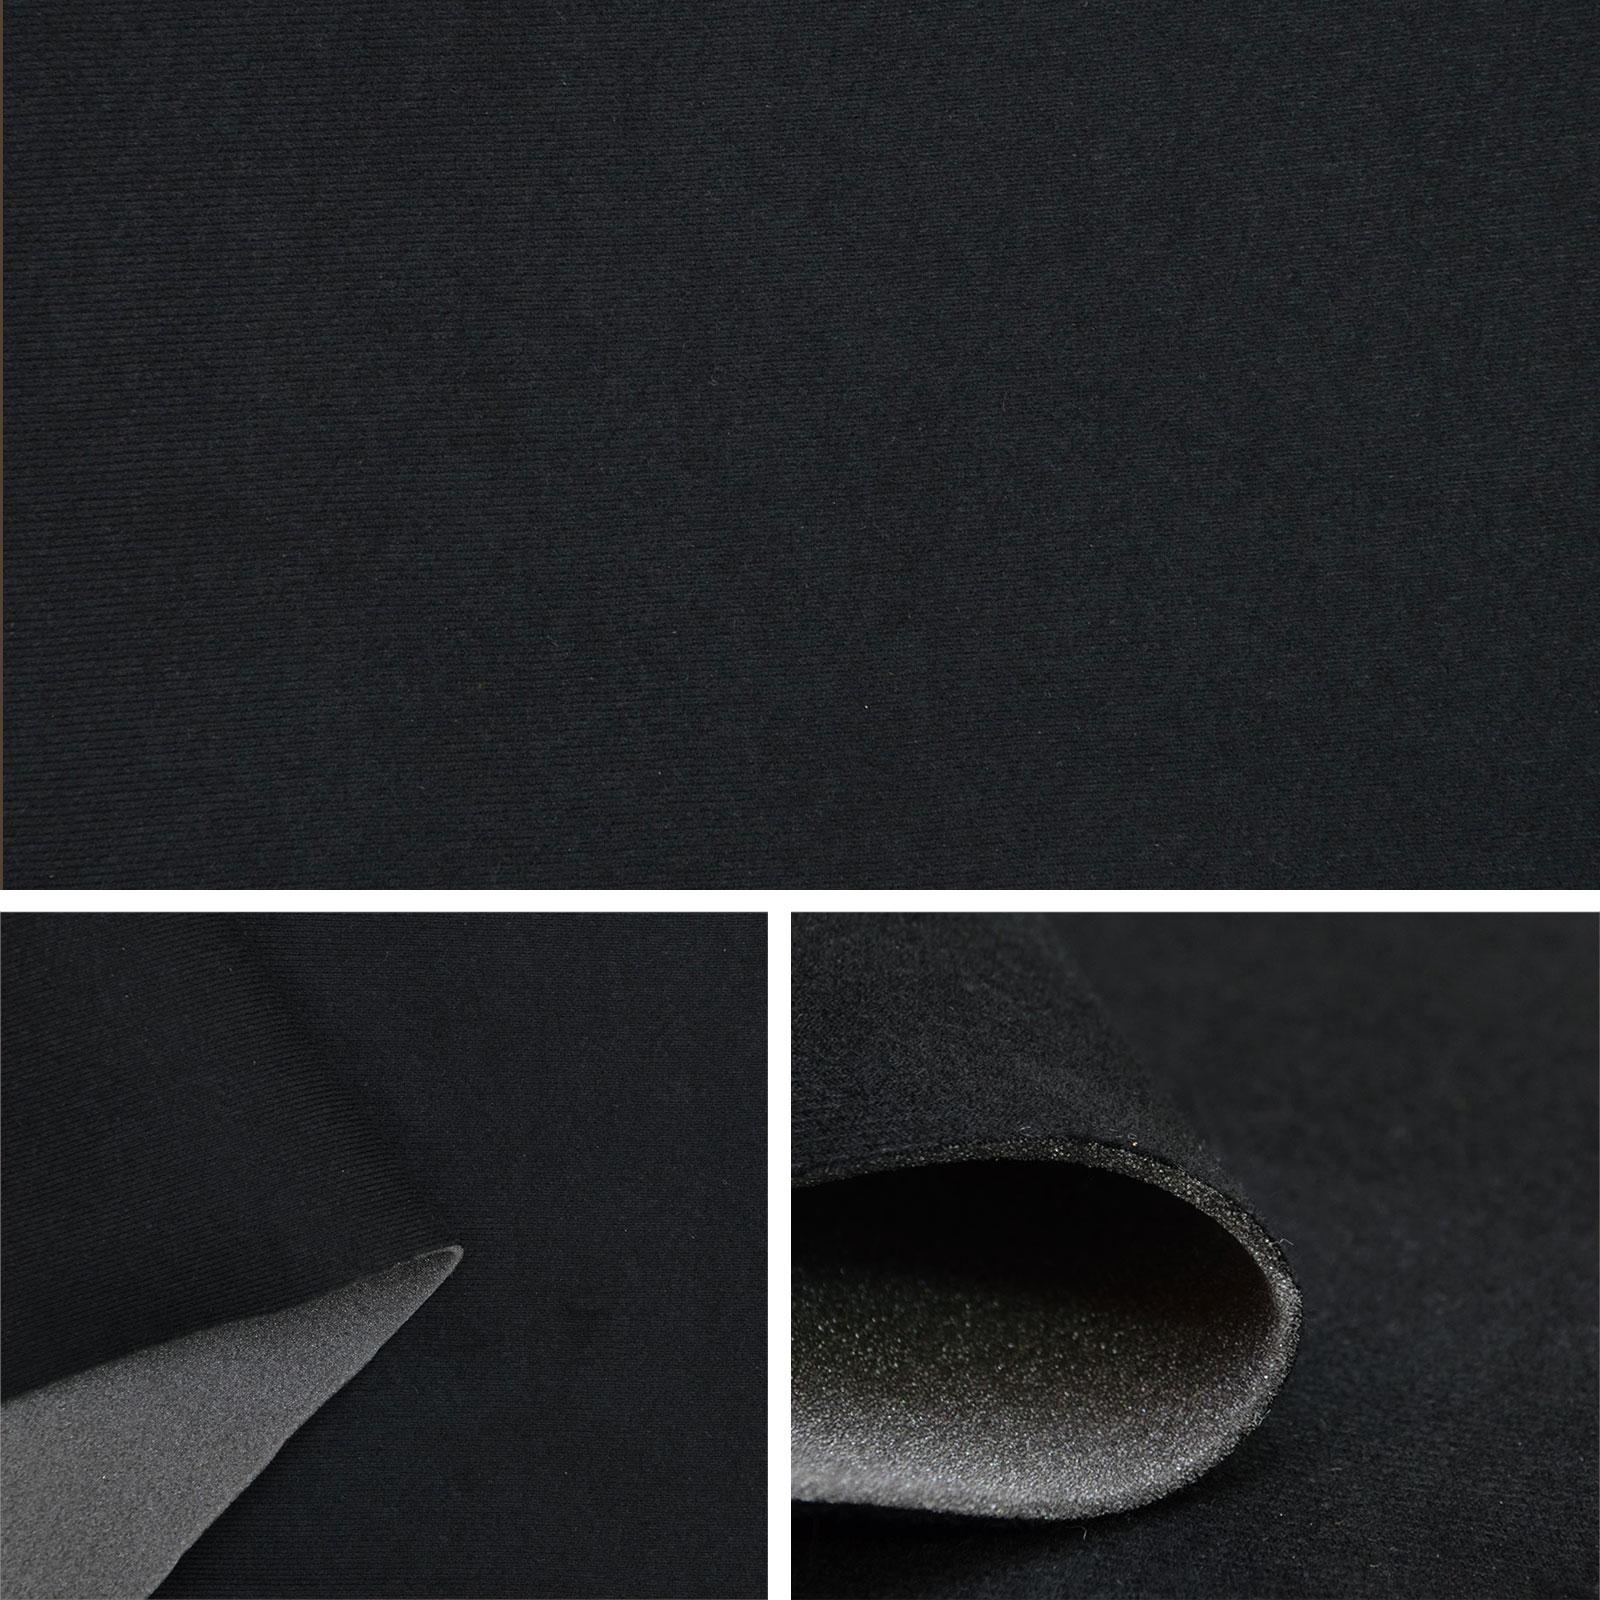 himmelstoff autostoff sam03 t129 03 schwarz. Black Bedroom Furniture Sets. Home Design Ideas